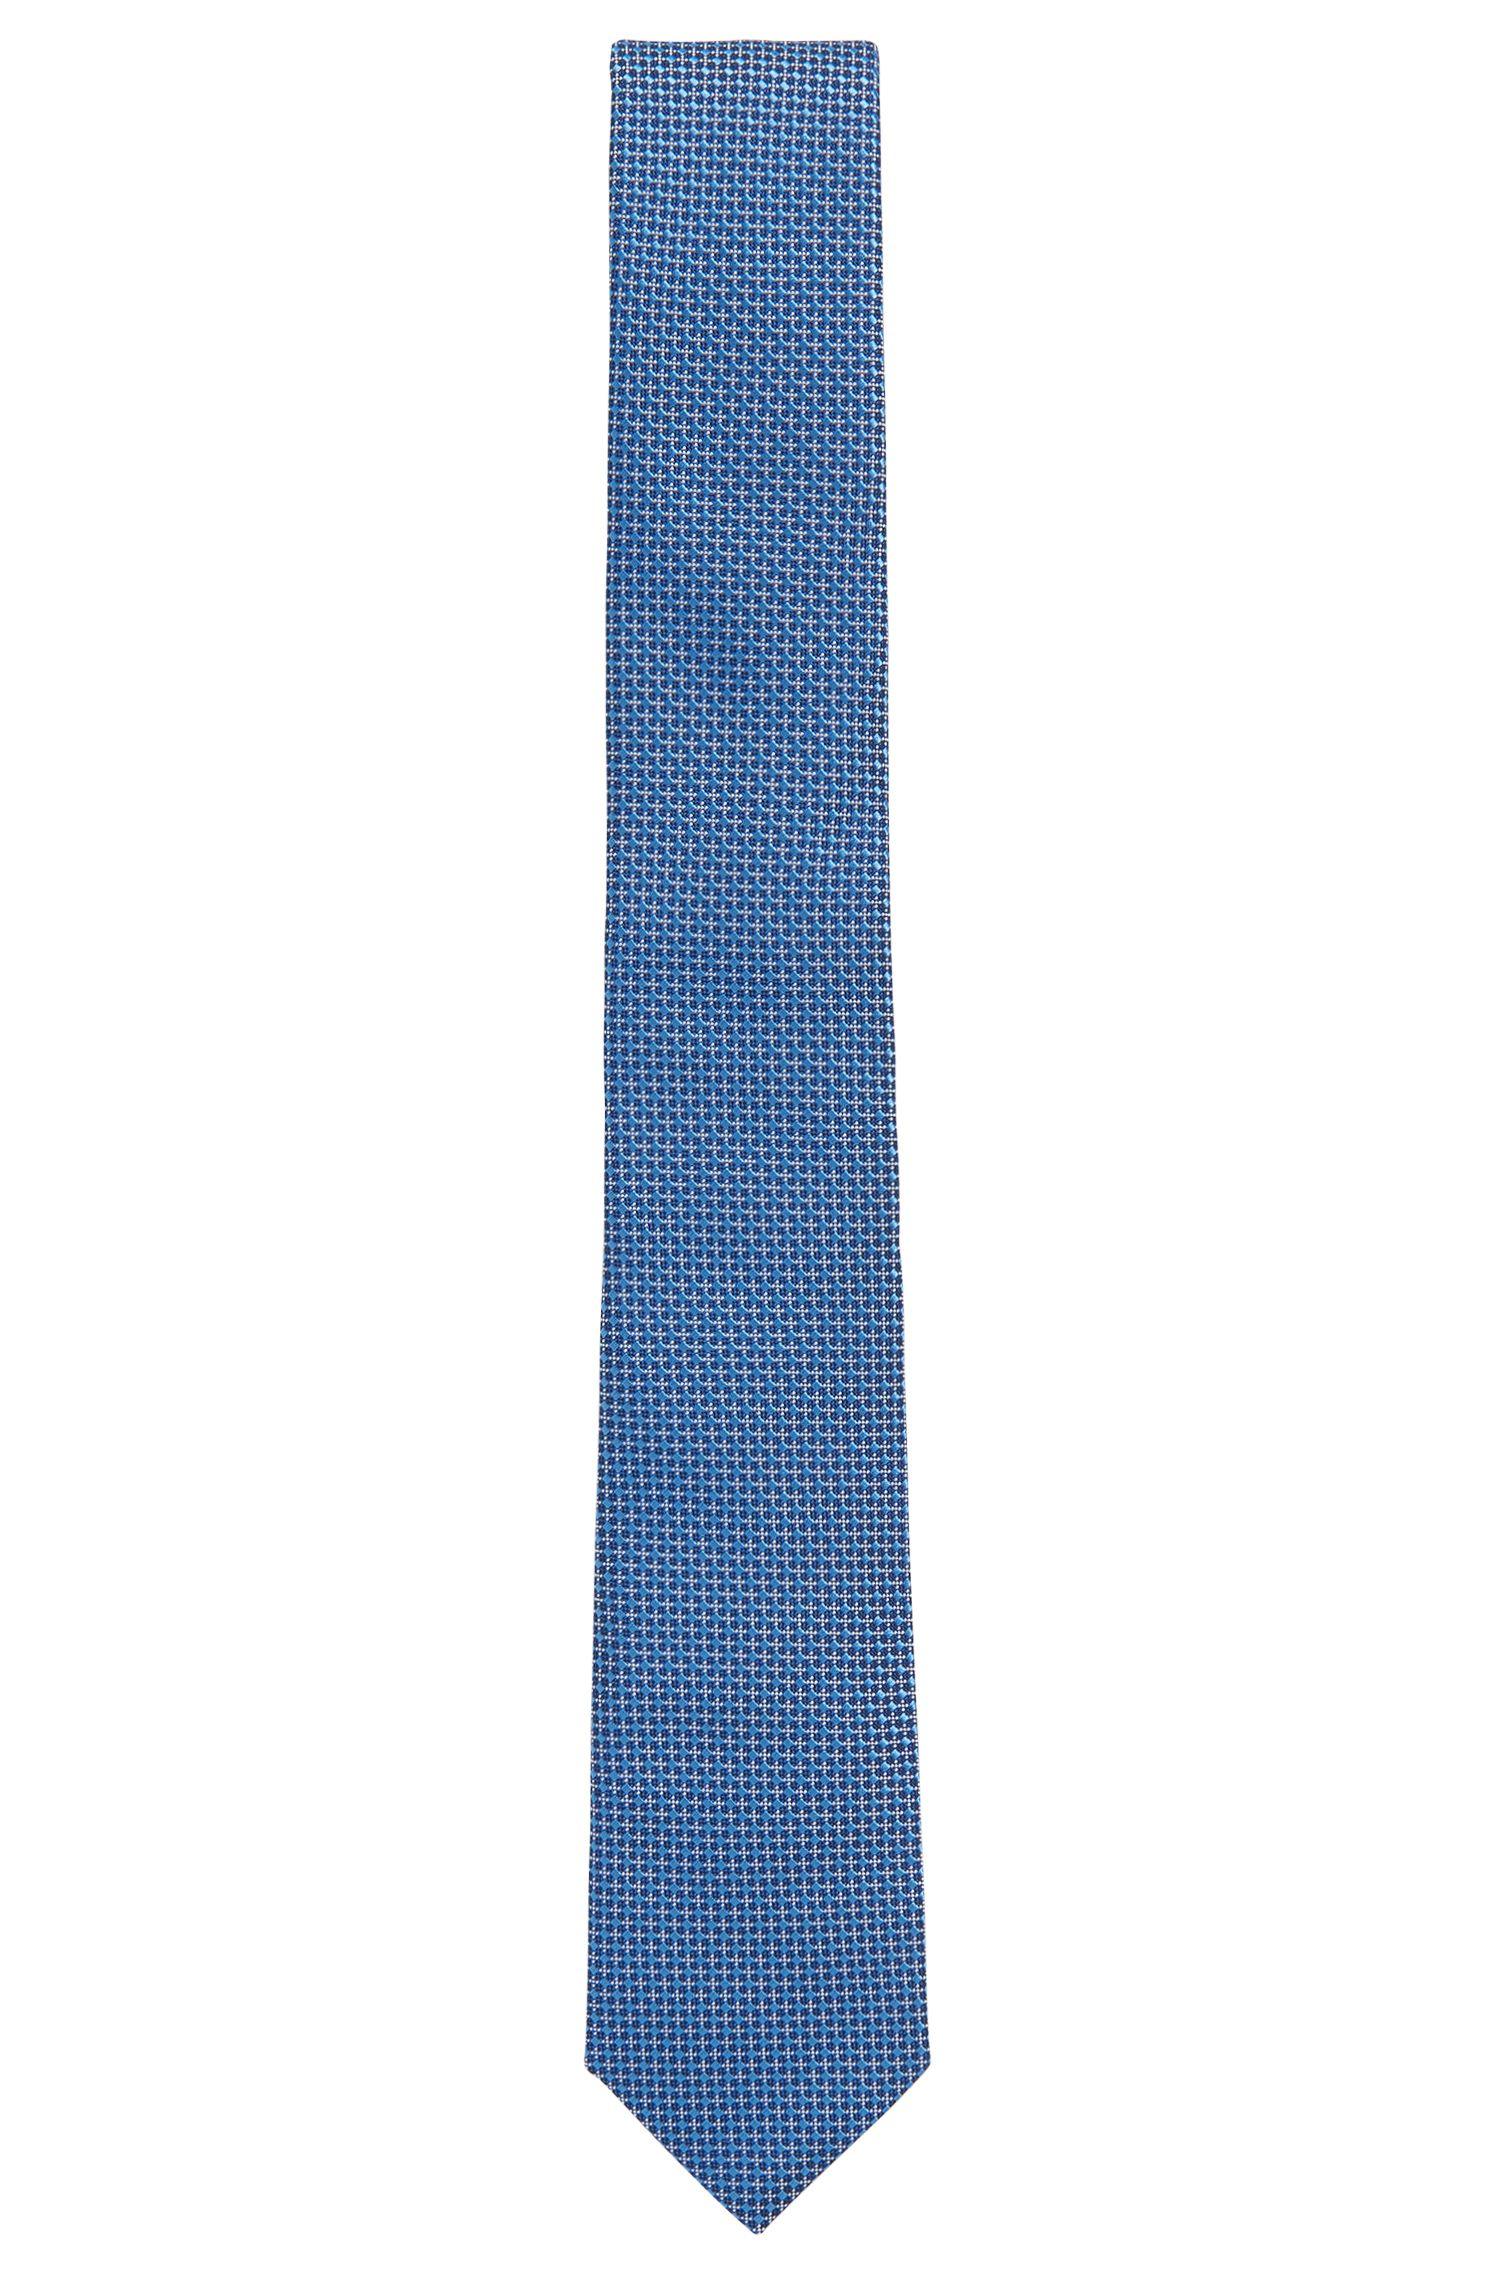 Cravate en jacquard de soie à motif, confectionnée à la main en Italie